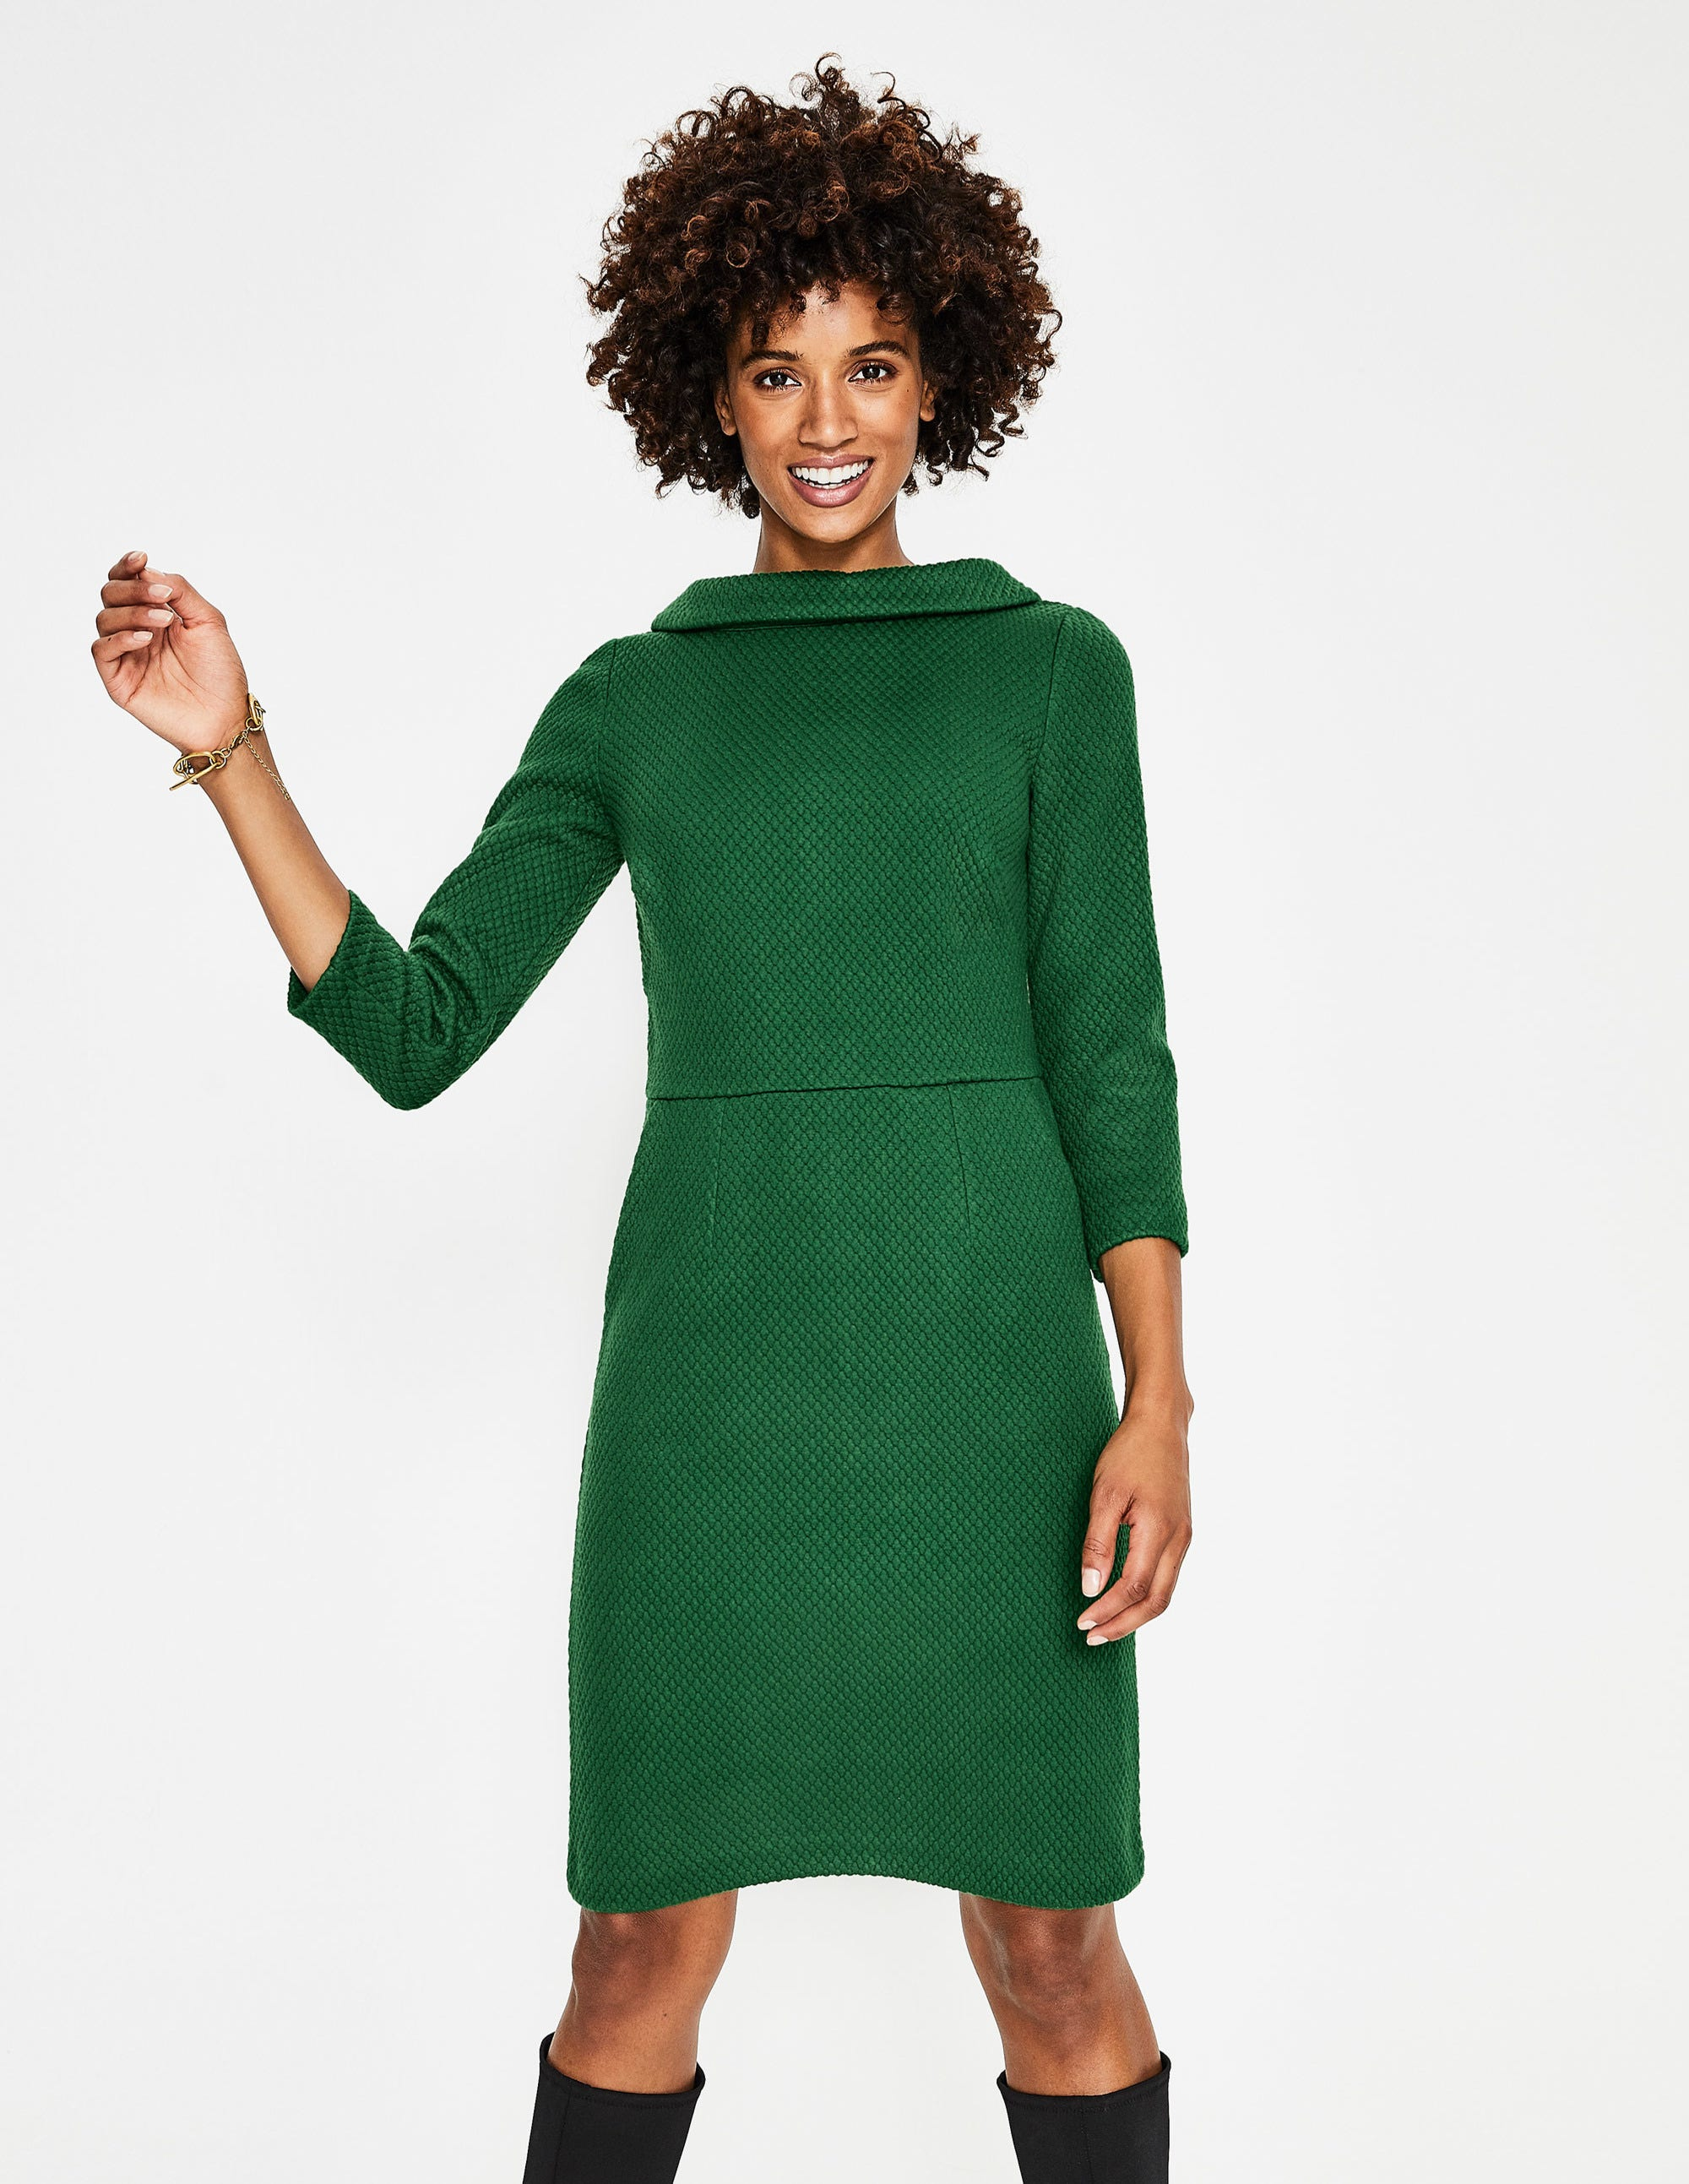 19a173777fc57 Estella Jacquard Dress - Black | Boden EU